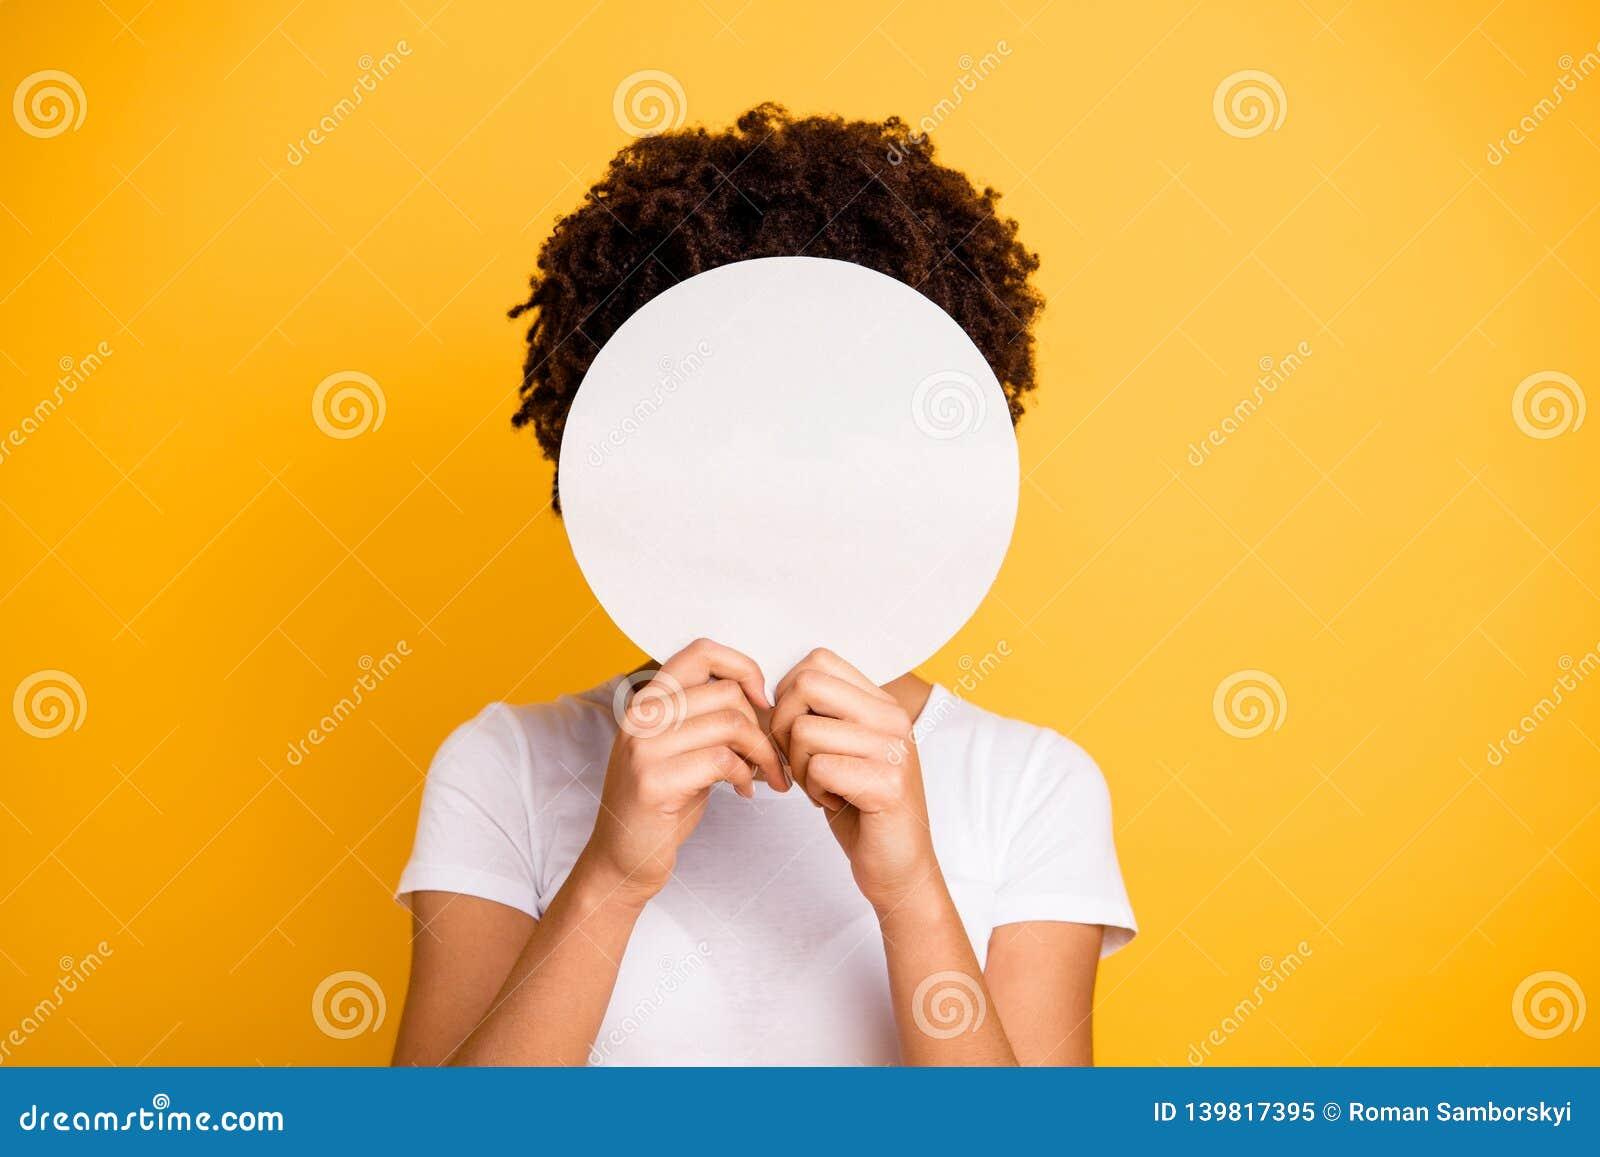 照片美丽惊人的关闭她她黑暗的皮肤夫人掩藏的面孔回合圈子横幅招贴不要是